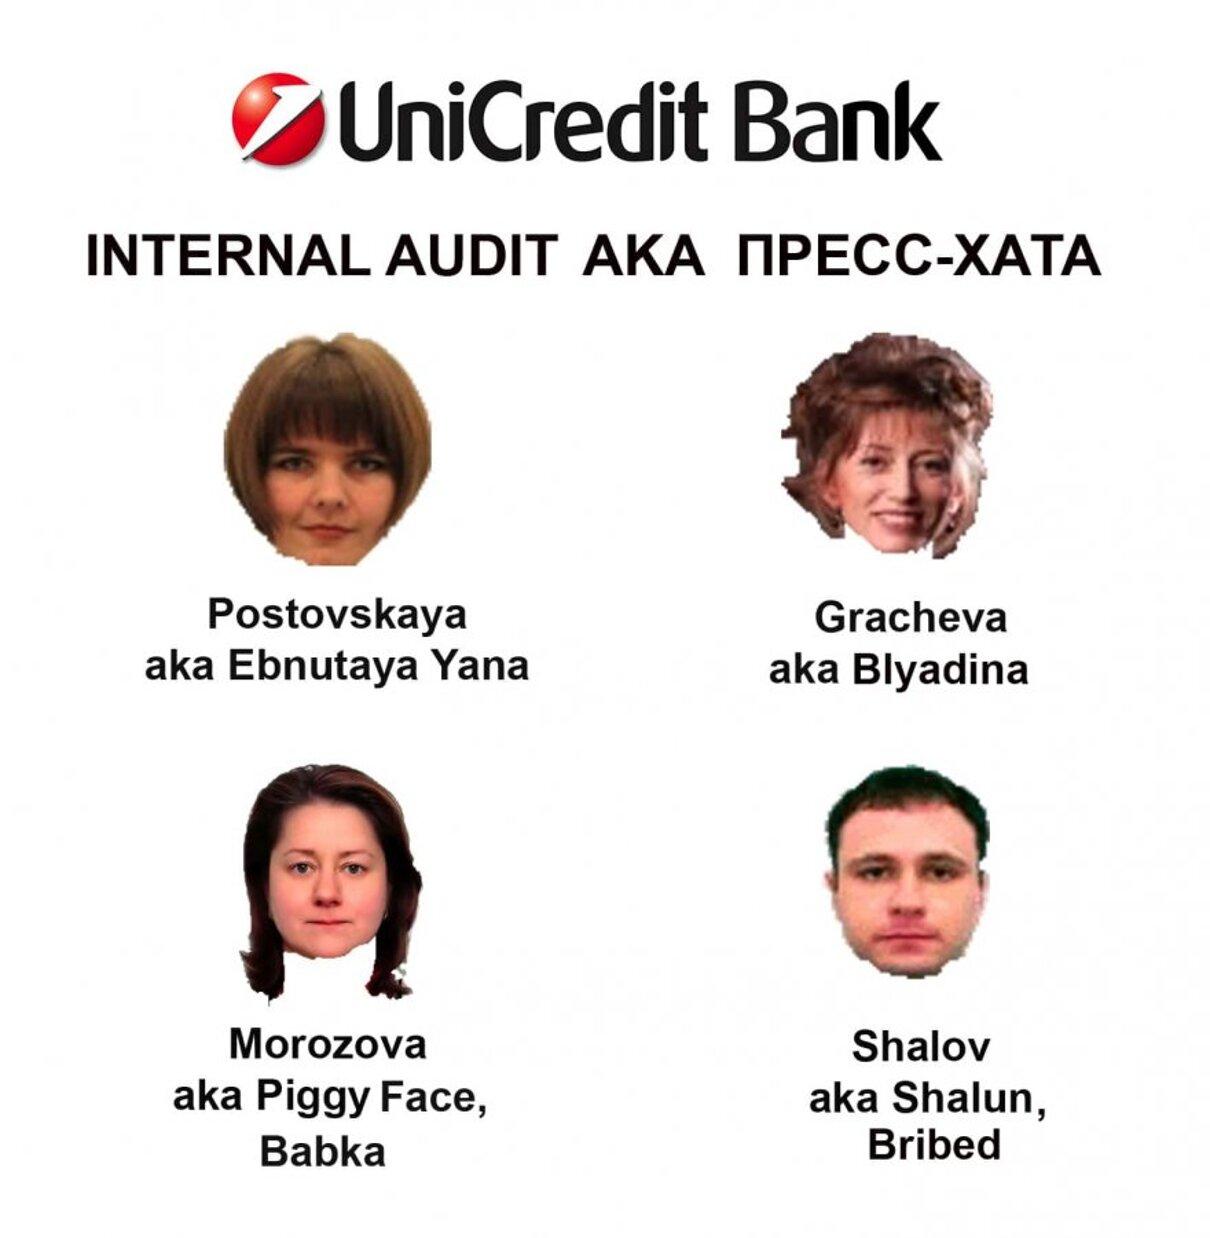 Жалоба-отзыв: UniCredit Bank - О ДЕПАРТАМЕНТЕ ВНУТРЕННЕГО АУДИТА ЮНИКРЕДИТ БАНКА.  Фото №3